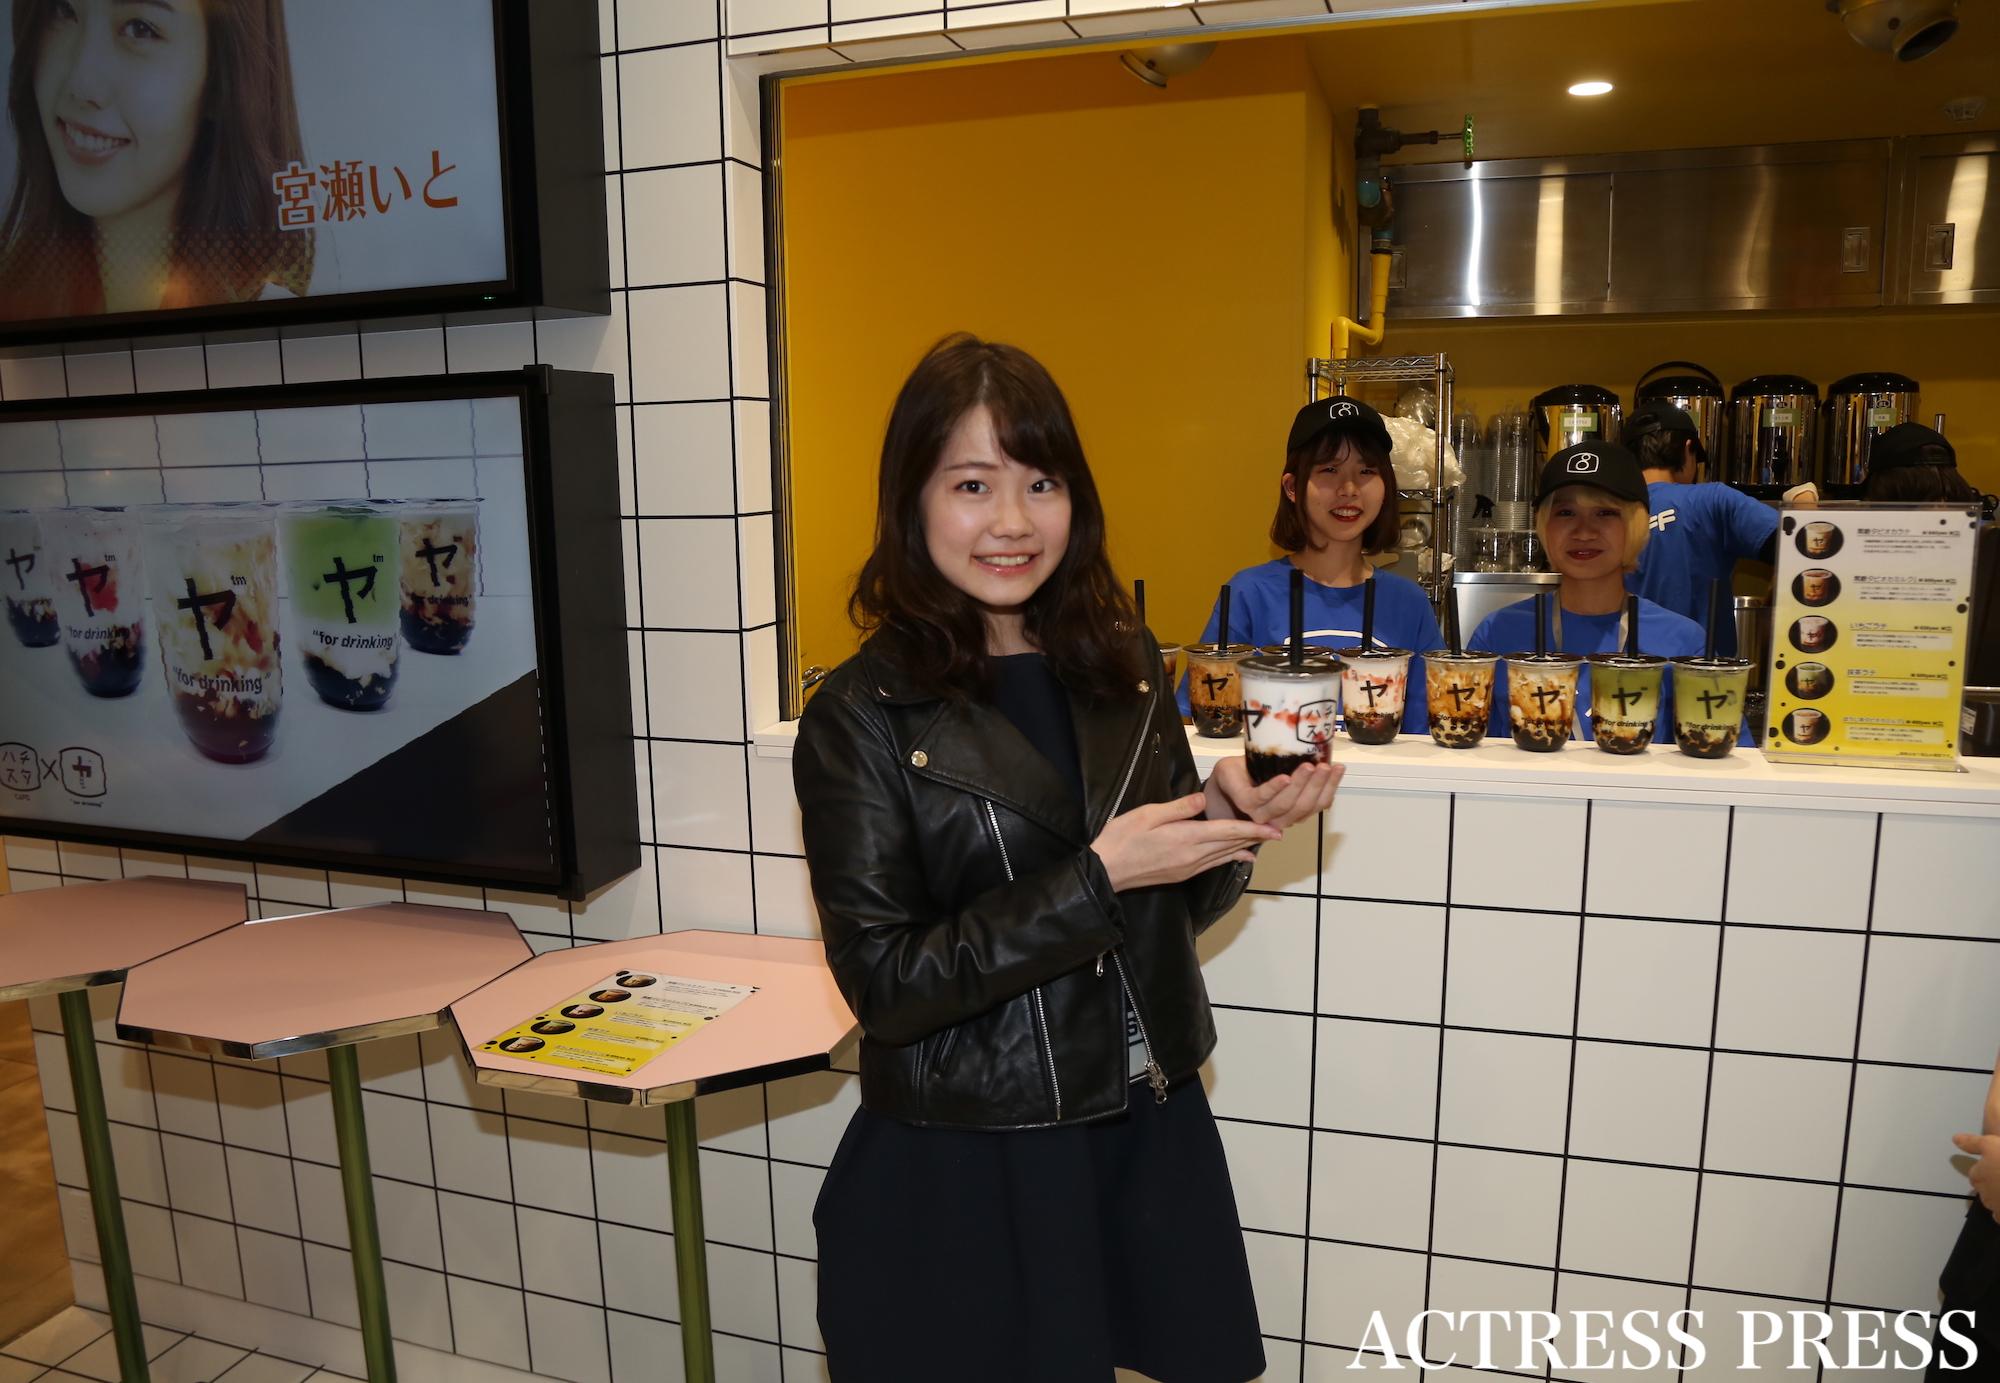 タピオカ店『三茶ヤ』にて(2019年11月7日)ACTRESS PRESS編集部